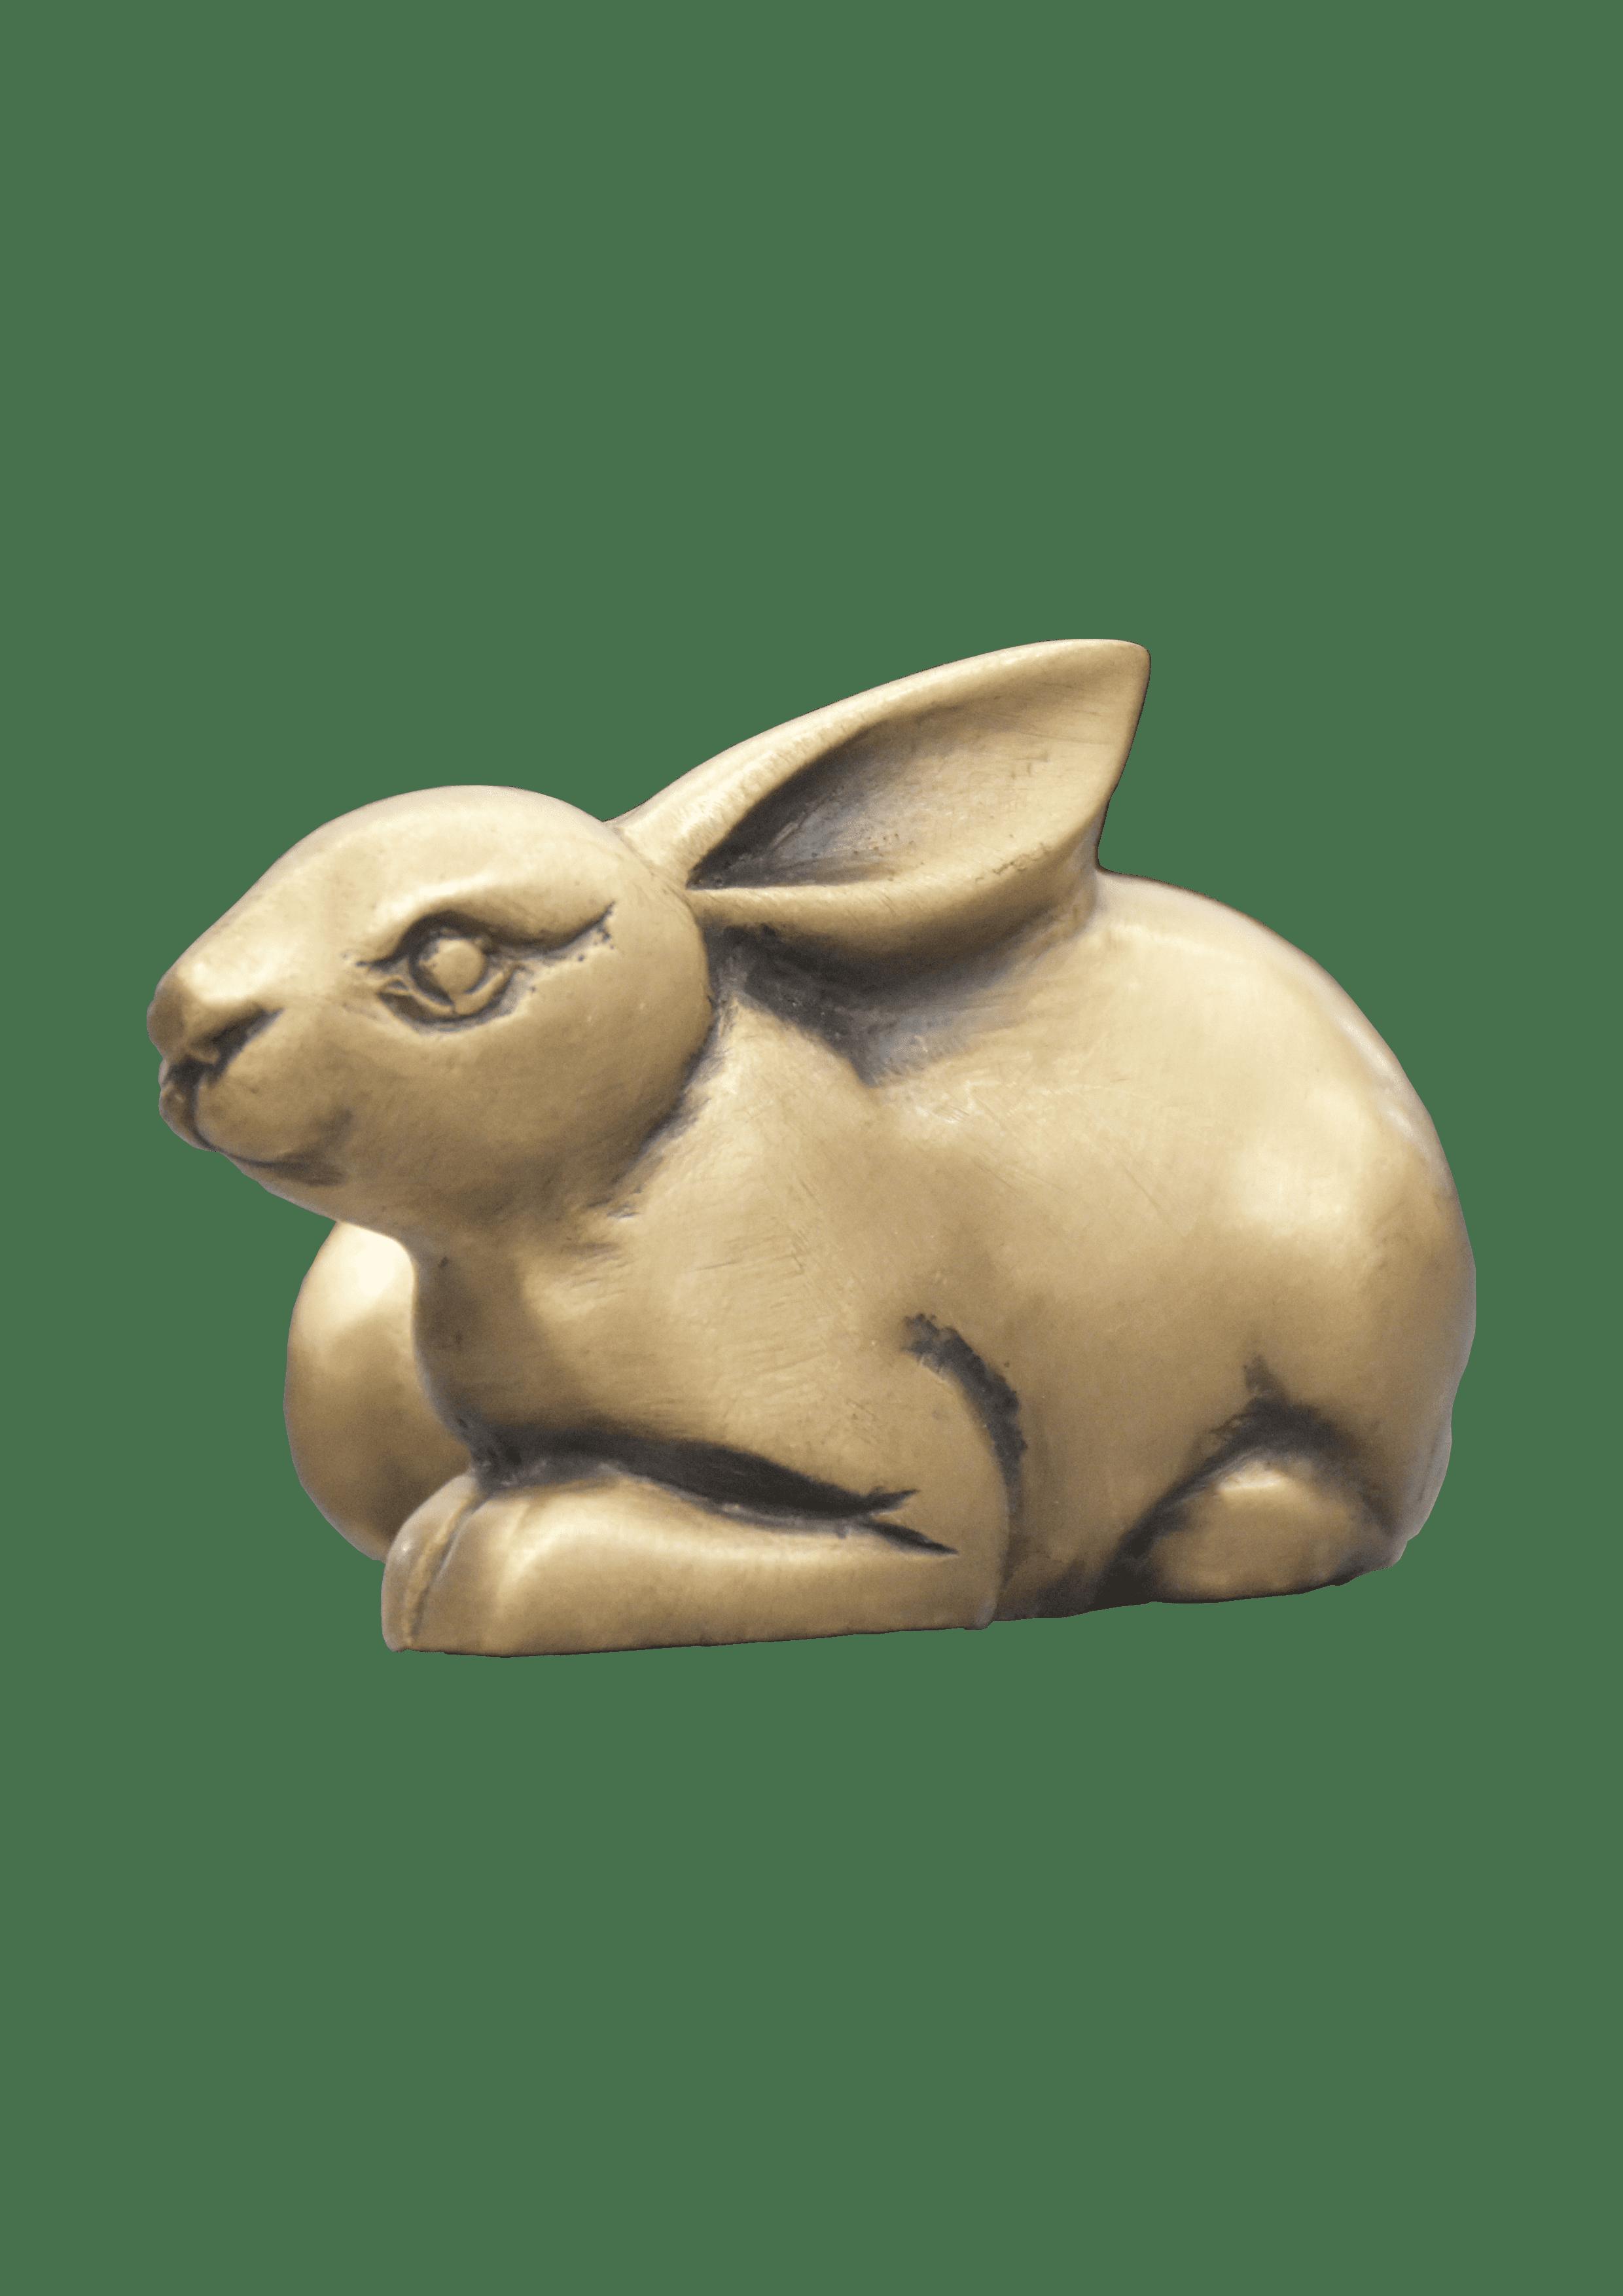 มือจับ -กระต่ายเรียบ